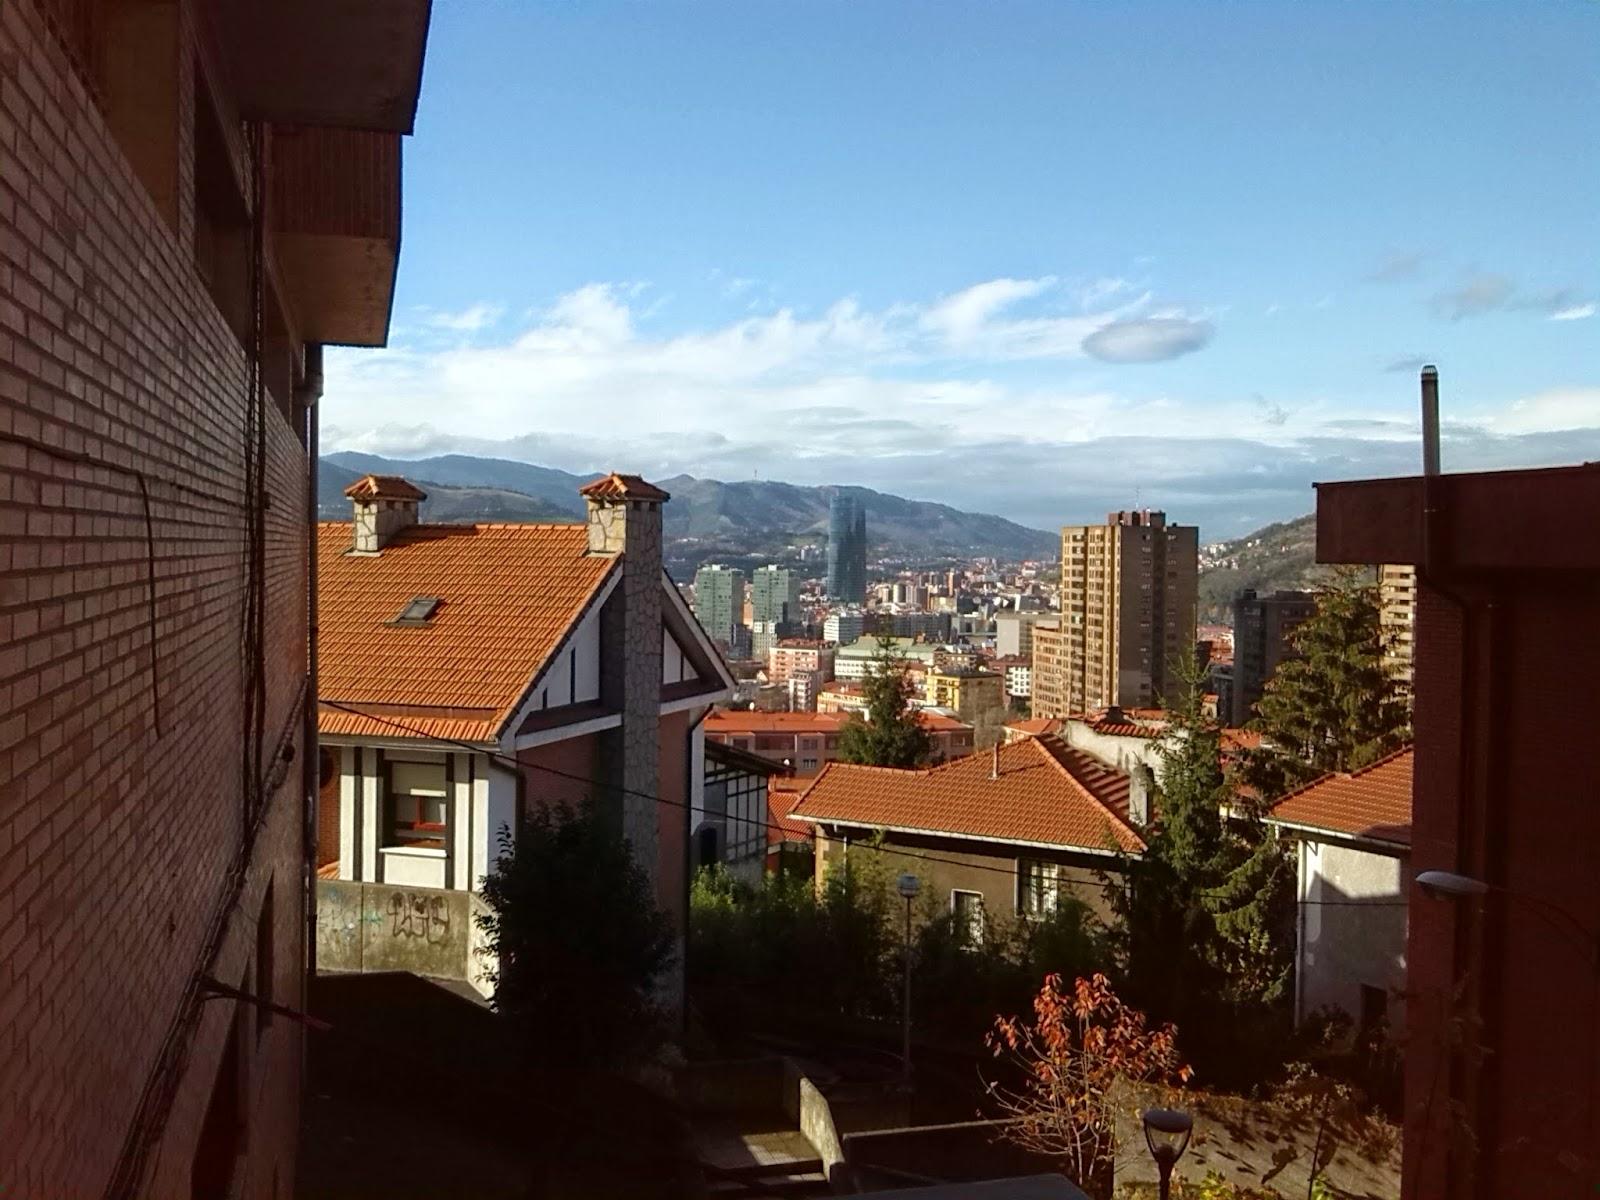 Montes de Bilbao y rascacielos